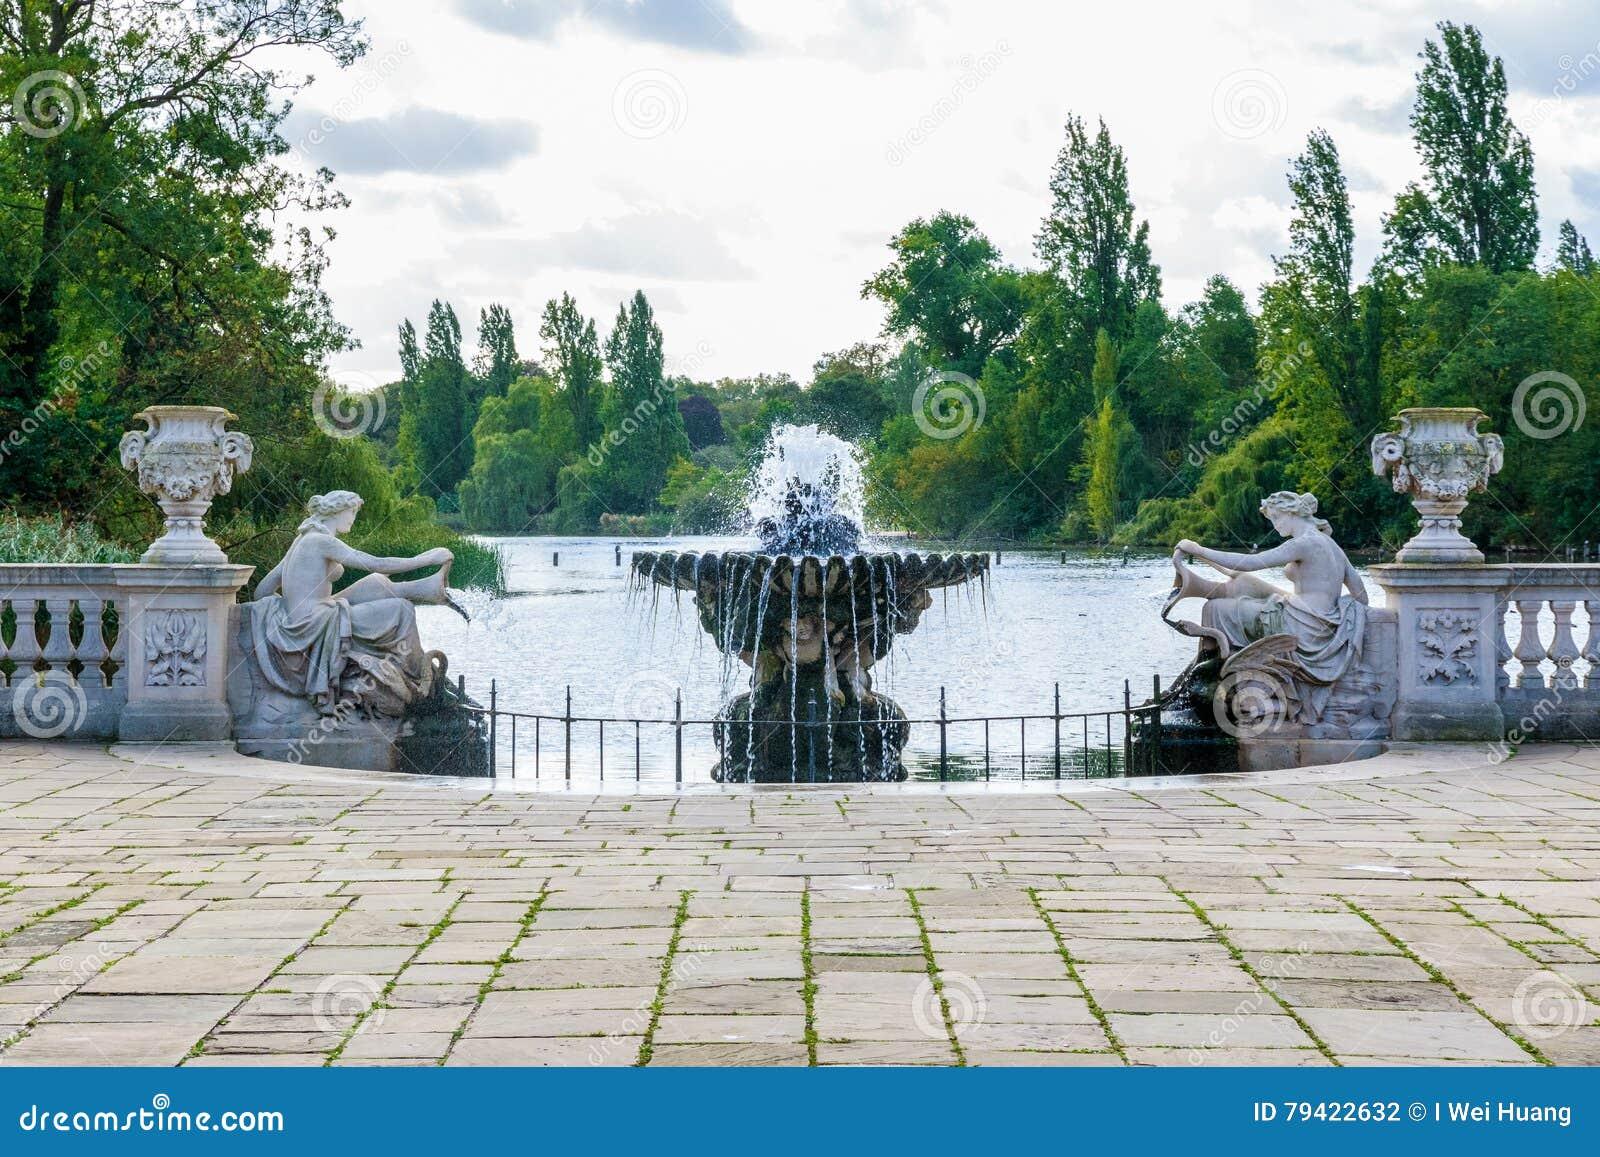 Los jardines italianos en hyde park foto de archivo for Jardines italianos